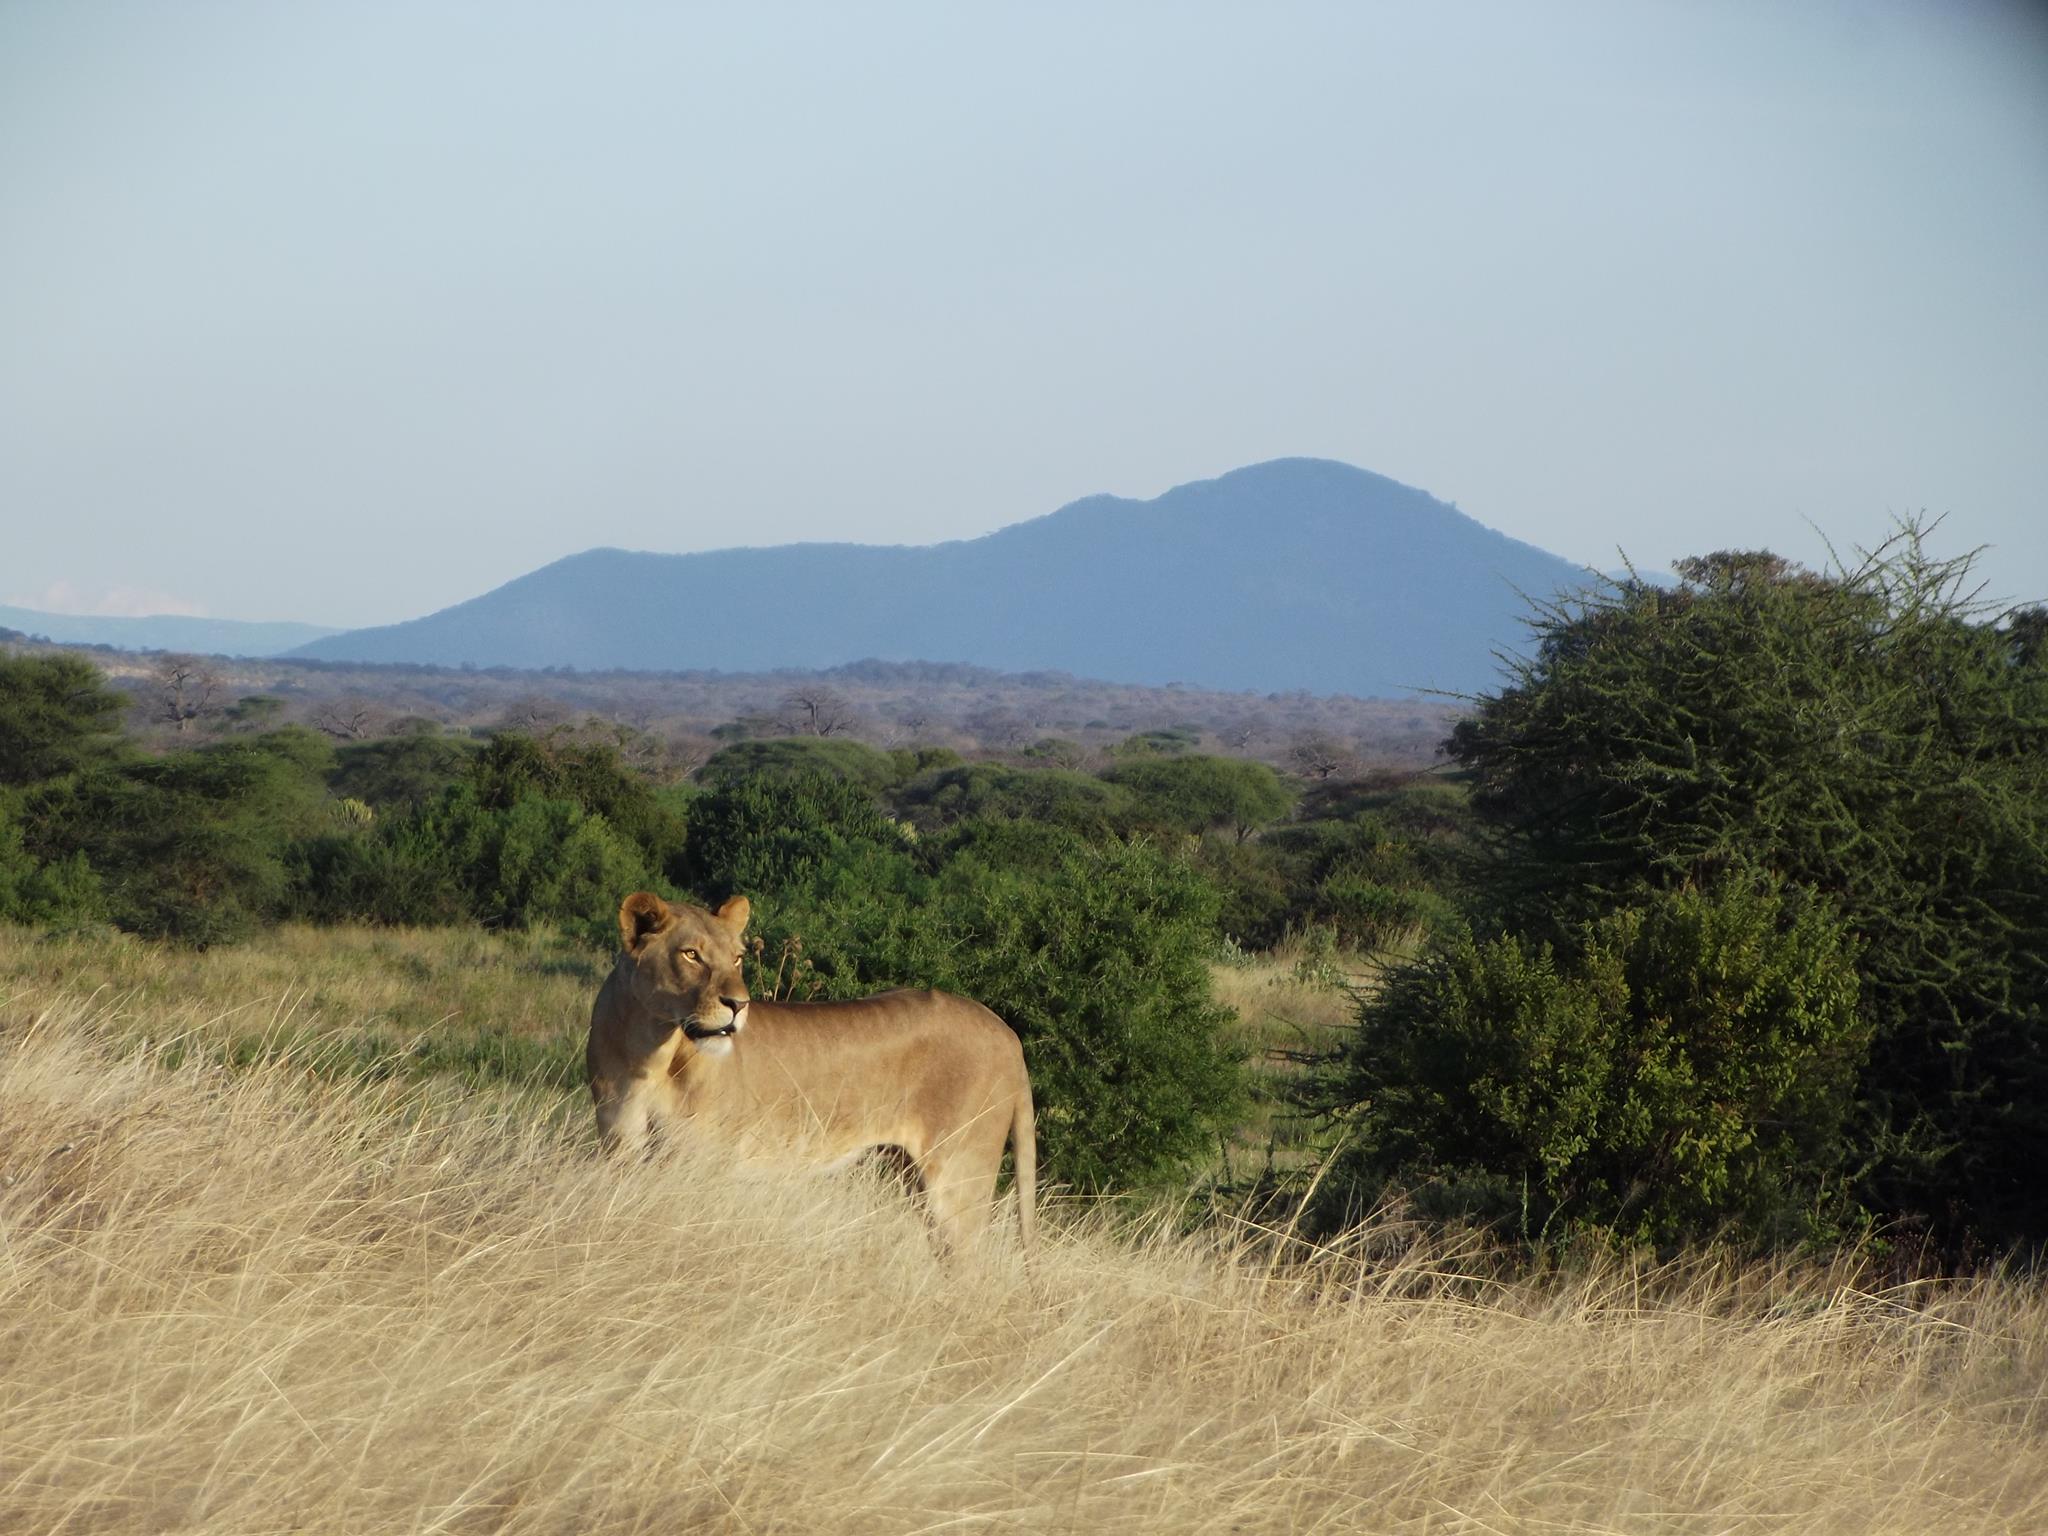 Lion in Ruaha region of Tanzania (Photo: Ruaha Carnivore Project)